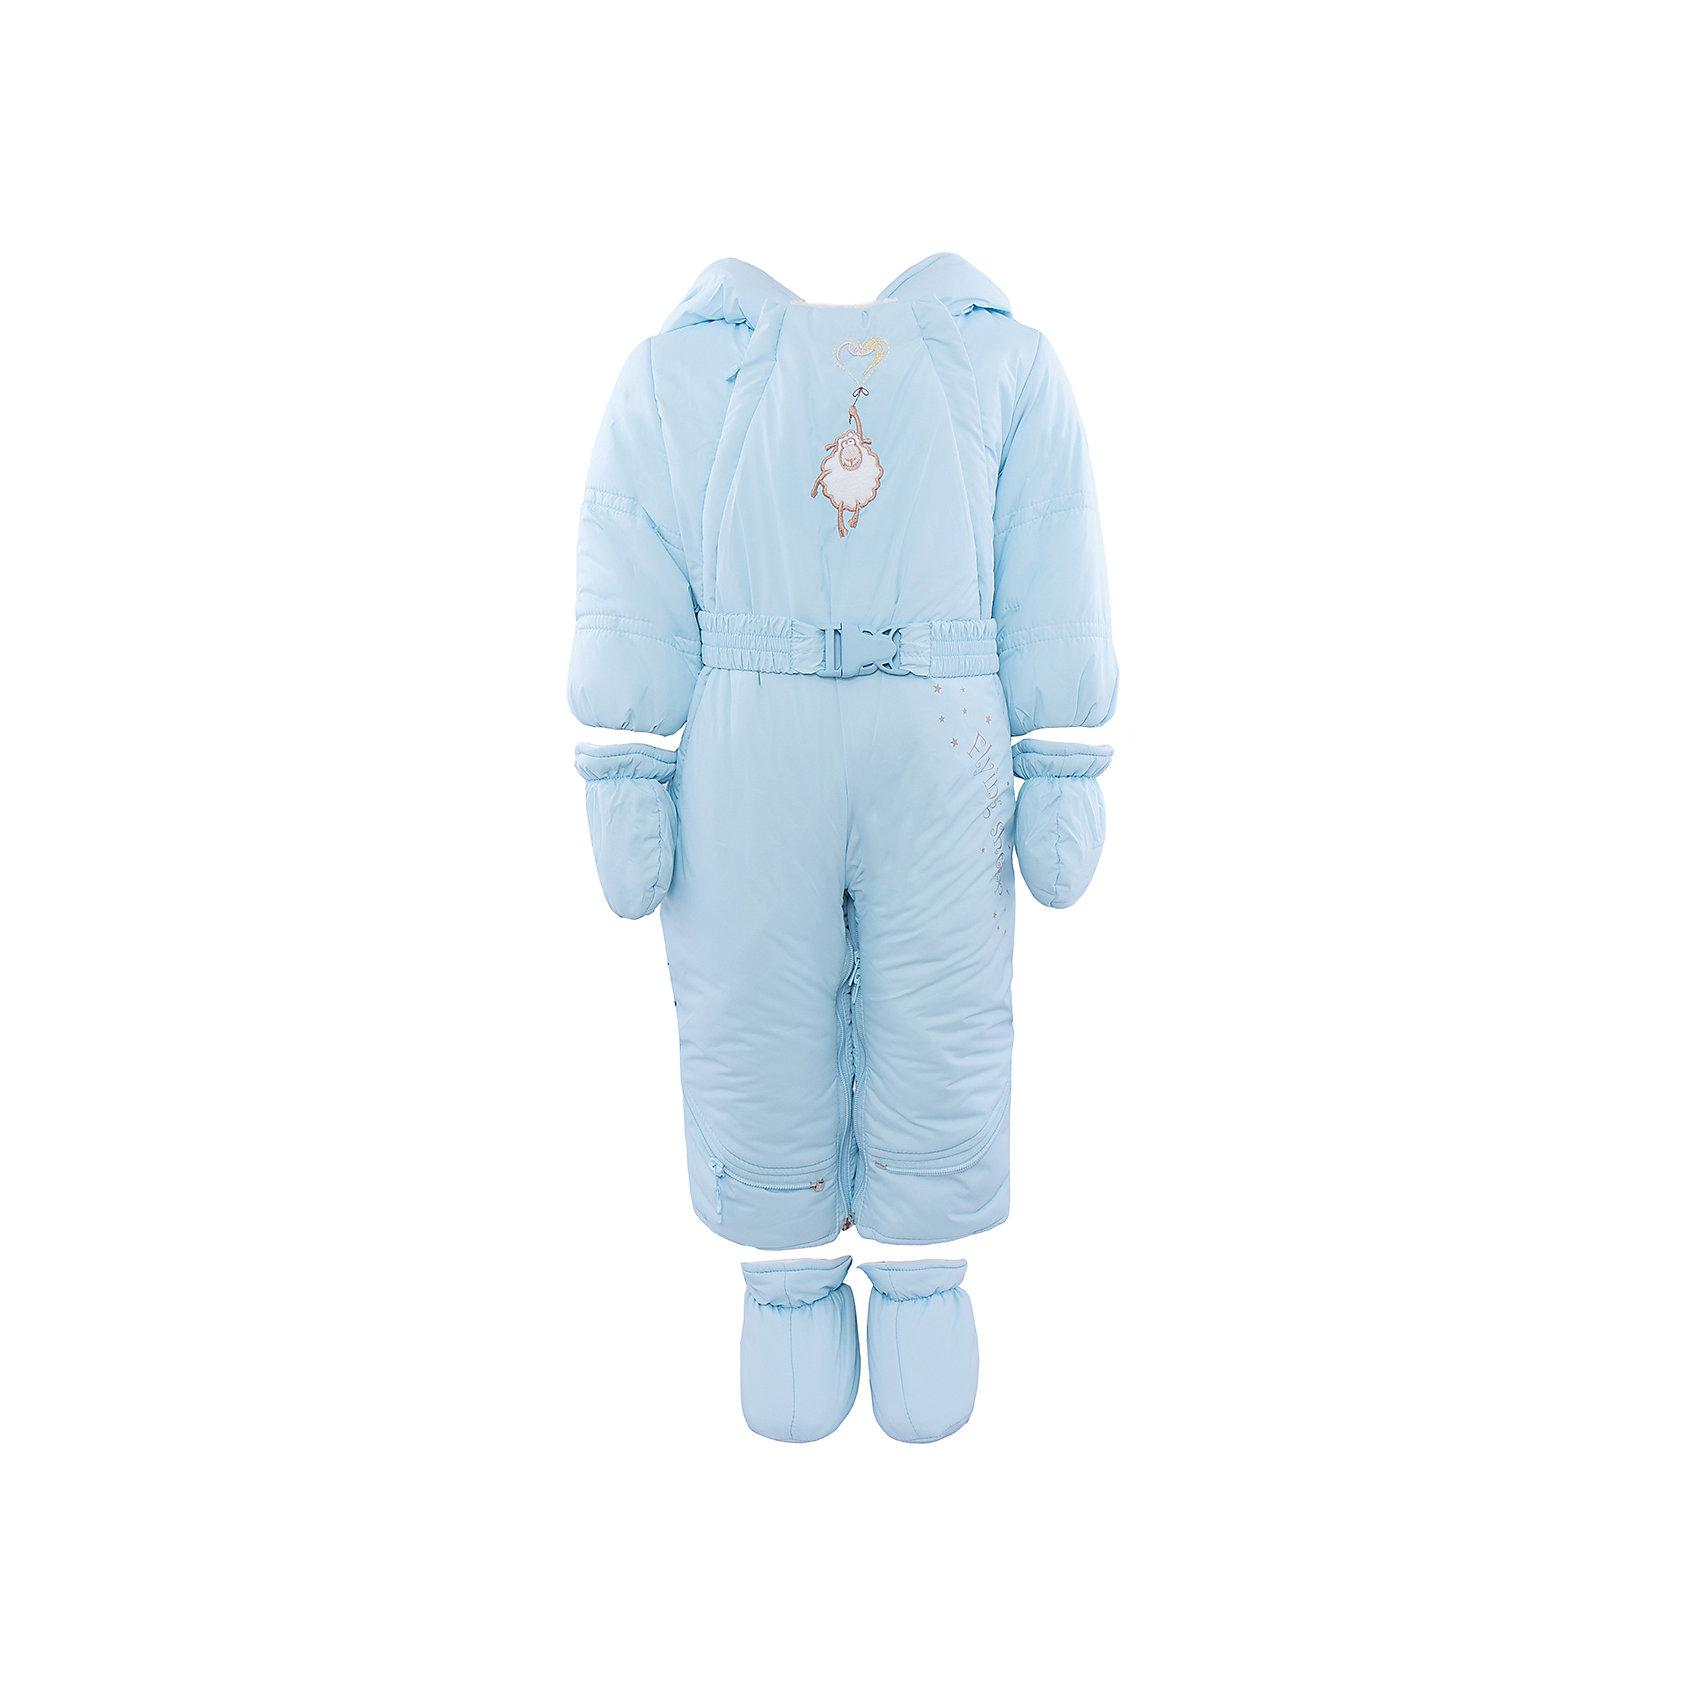 Комбинезон-трансформер для мальчика АртельКомбинезон-трансформер для мальчика от известного бренда Артель<br>Комбинезон-трансформер - это отличный вариант одежды для прогулок в холодное время года. Он выполняет функцию полноценного костюма с ножками, в котором удобно носить ребенка на руках, или перевозить в автокресле и теплого уютного спального конверта, в котором ребенку комфортно находиться в коляске. Комбинезон трансформируется в конверт с помощью дополнительных молний. Данная модель комплектуется пинетками и варежками. Глубокий капюшон плотно прилегает к лицу, за счет мягкого трикотажного подвяза. По линии талии есть пояс с декоративной пряжкой, на груди - вышивка в виде барашка.<br>Состав:<br>Верх:Dewspo FD<br>Подкладка: интерлок<br>Утеплитель: термофайбер 200г<br><br>Ширина мм: 356<br>Глубина мм: 10<br>Высота мм: 245<br>Вес г: 519<br>Цвет: голубой<br>Возраст от месяцев: 2<br>Возраст до месяцев: 5<br>Пол: Мужской<br>Возраст: Детский<br>Размер: 62,74,68<br>SKU: 4963431